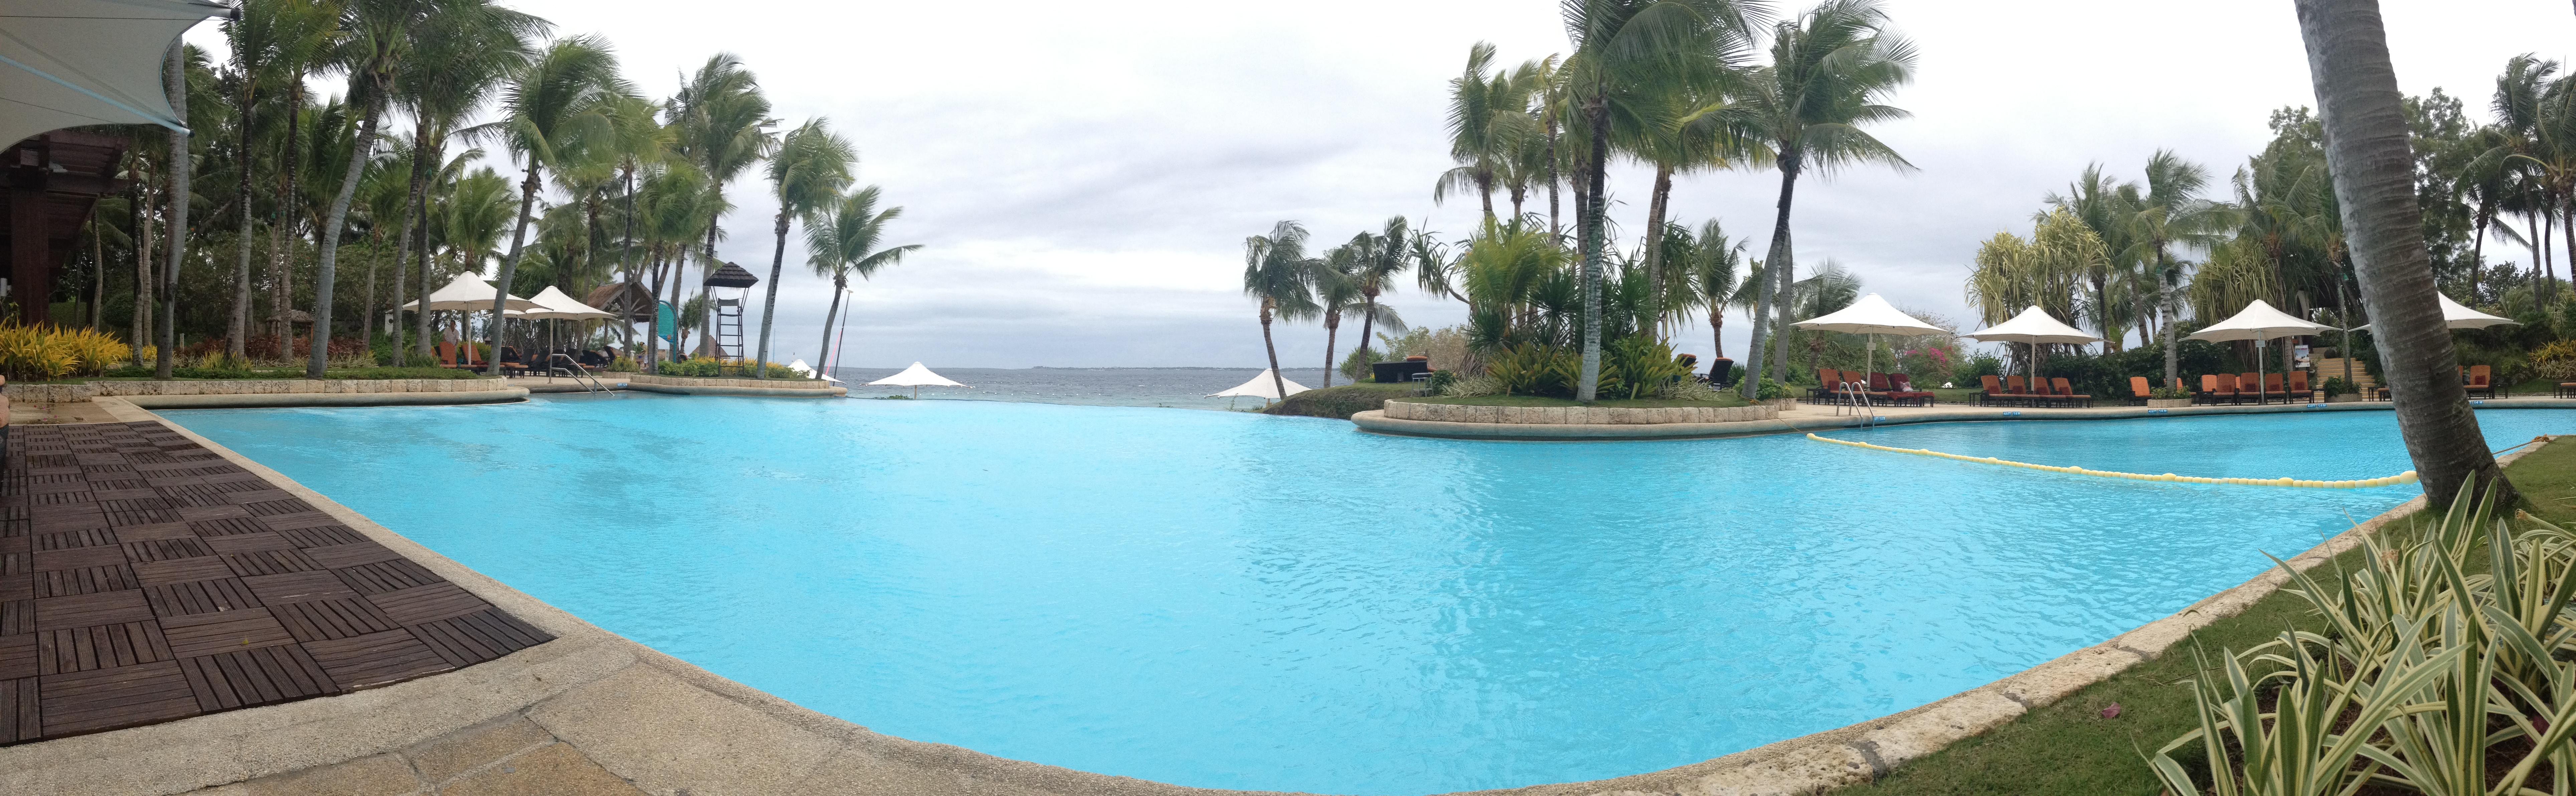 File 2013 01 15 Sangri La Cebu Infinity Pool